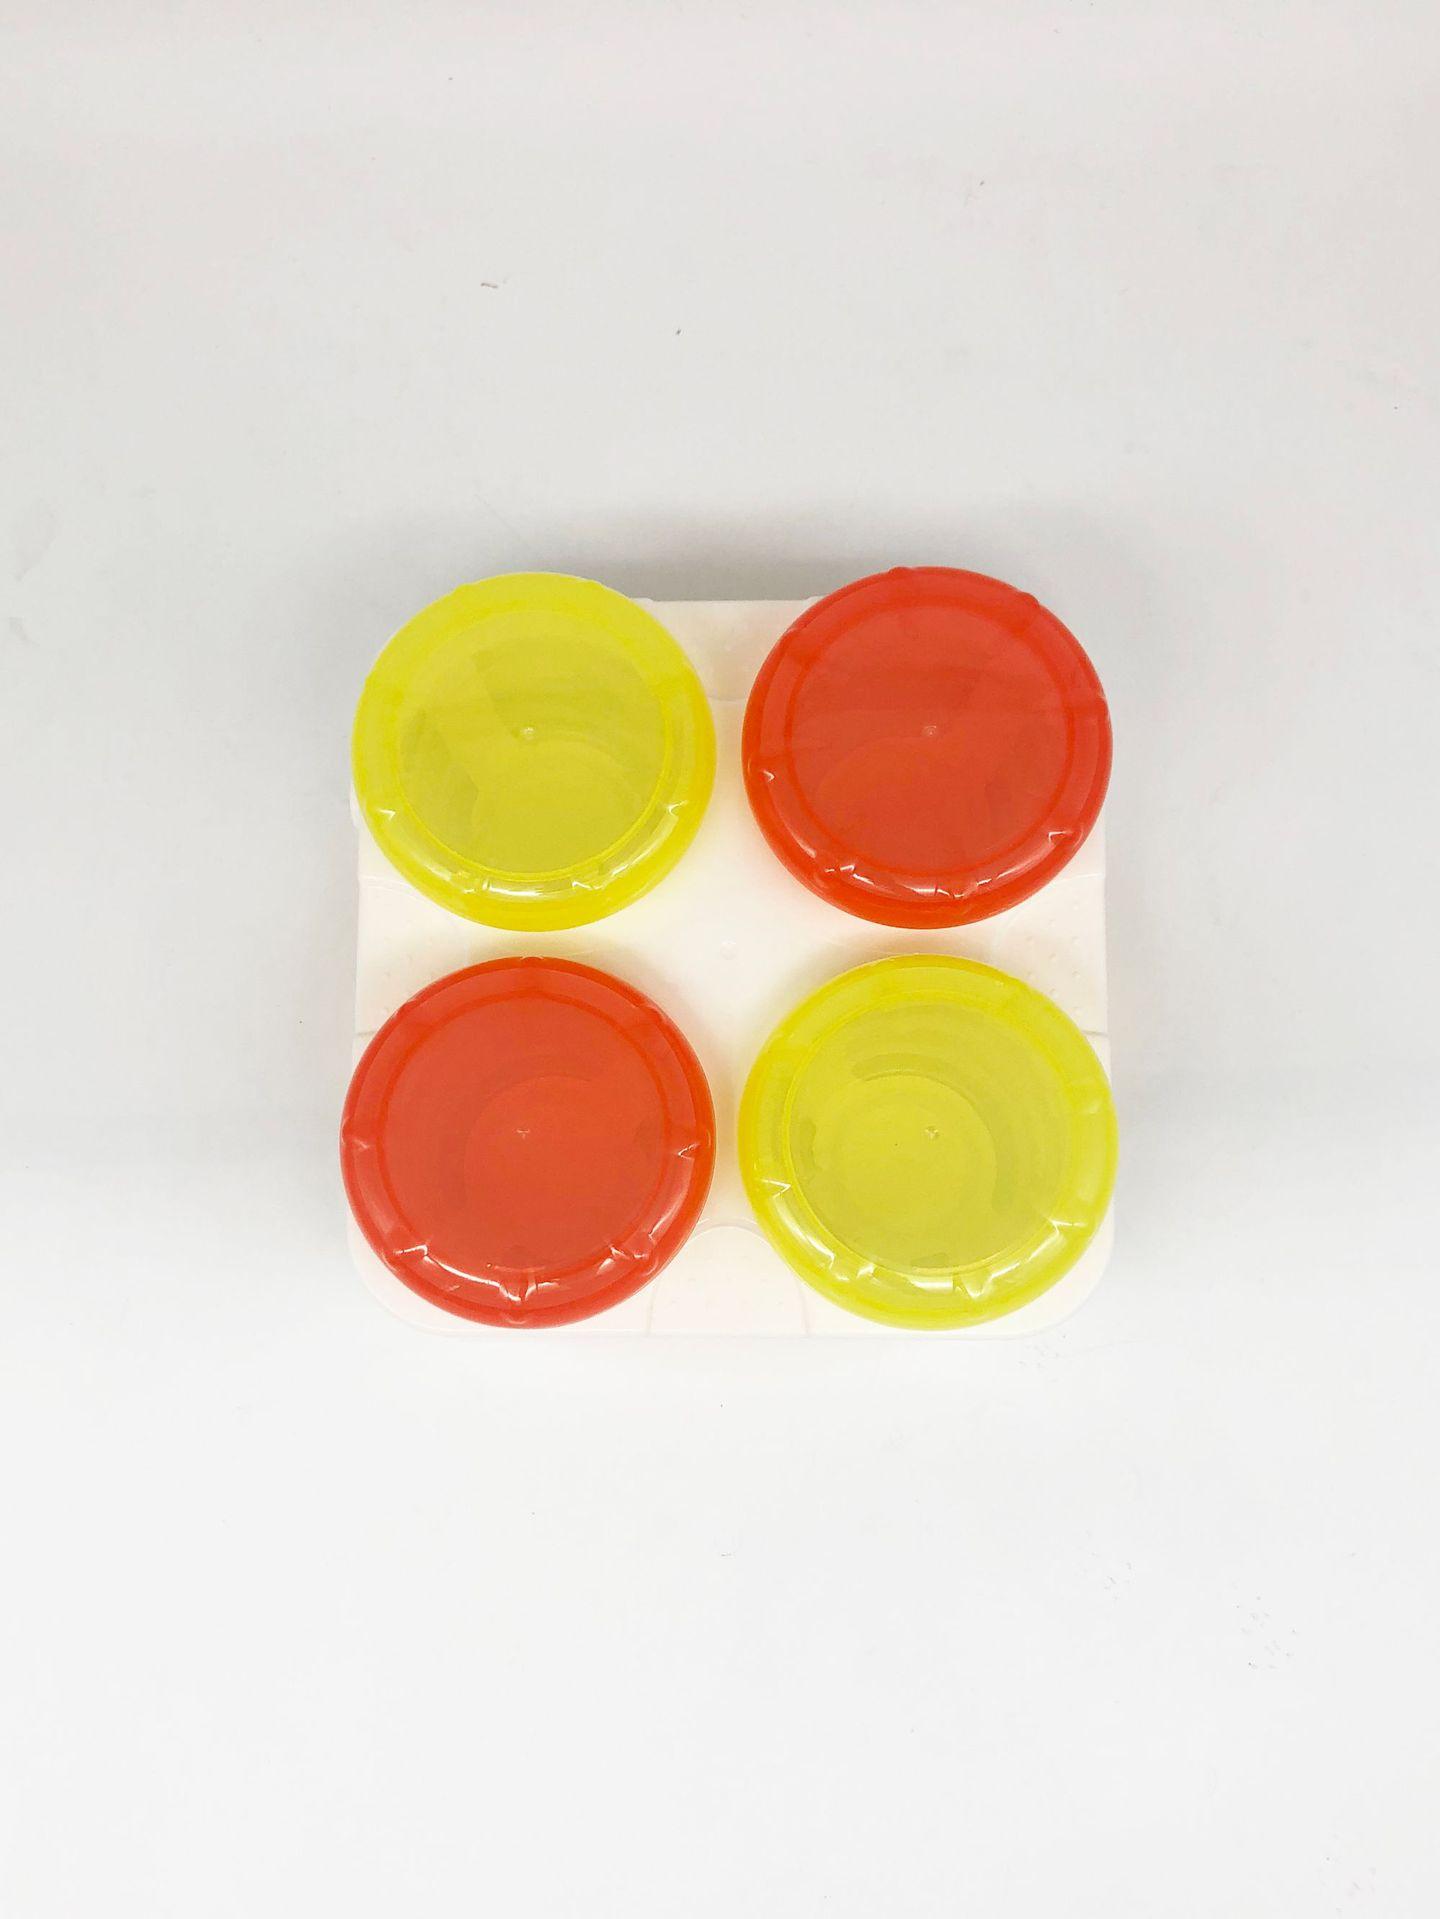 鲸之爱PP密封保鲜盒密封罐外带便携奶粉盒奶粉格零食储物罐保鲜盒